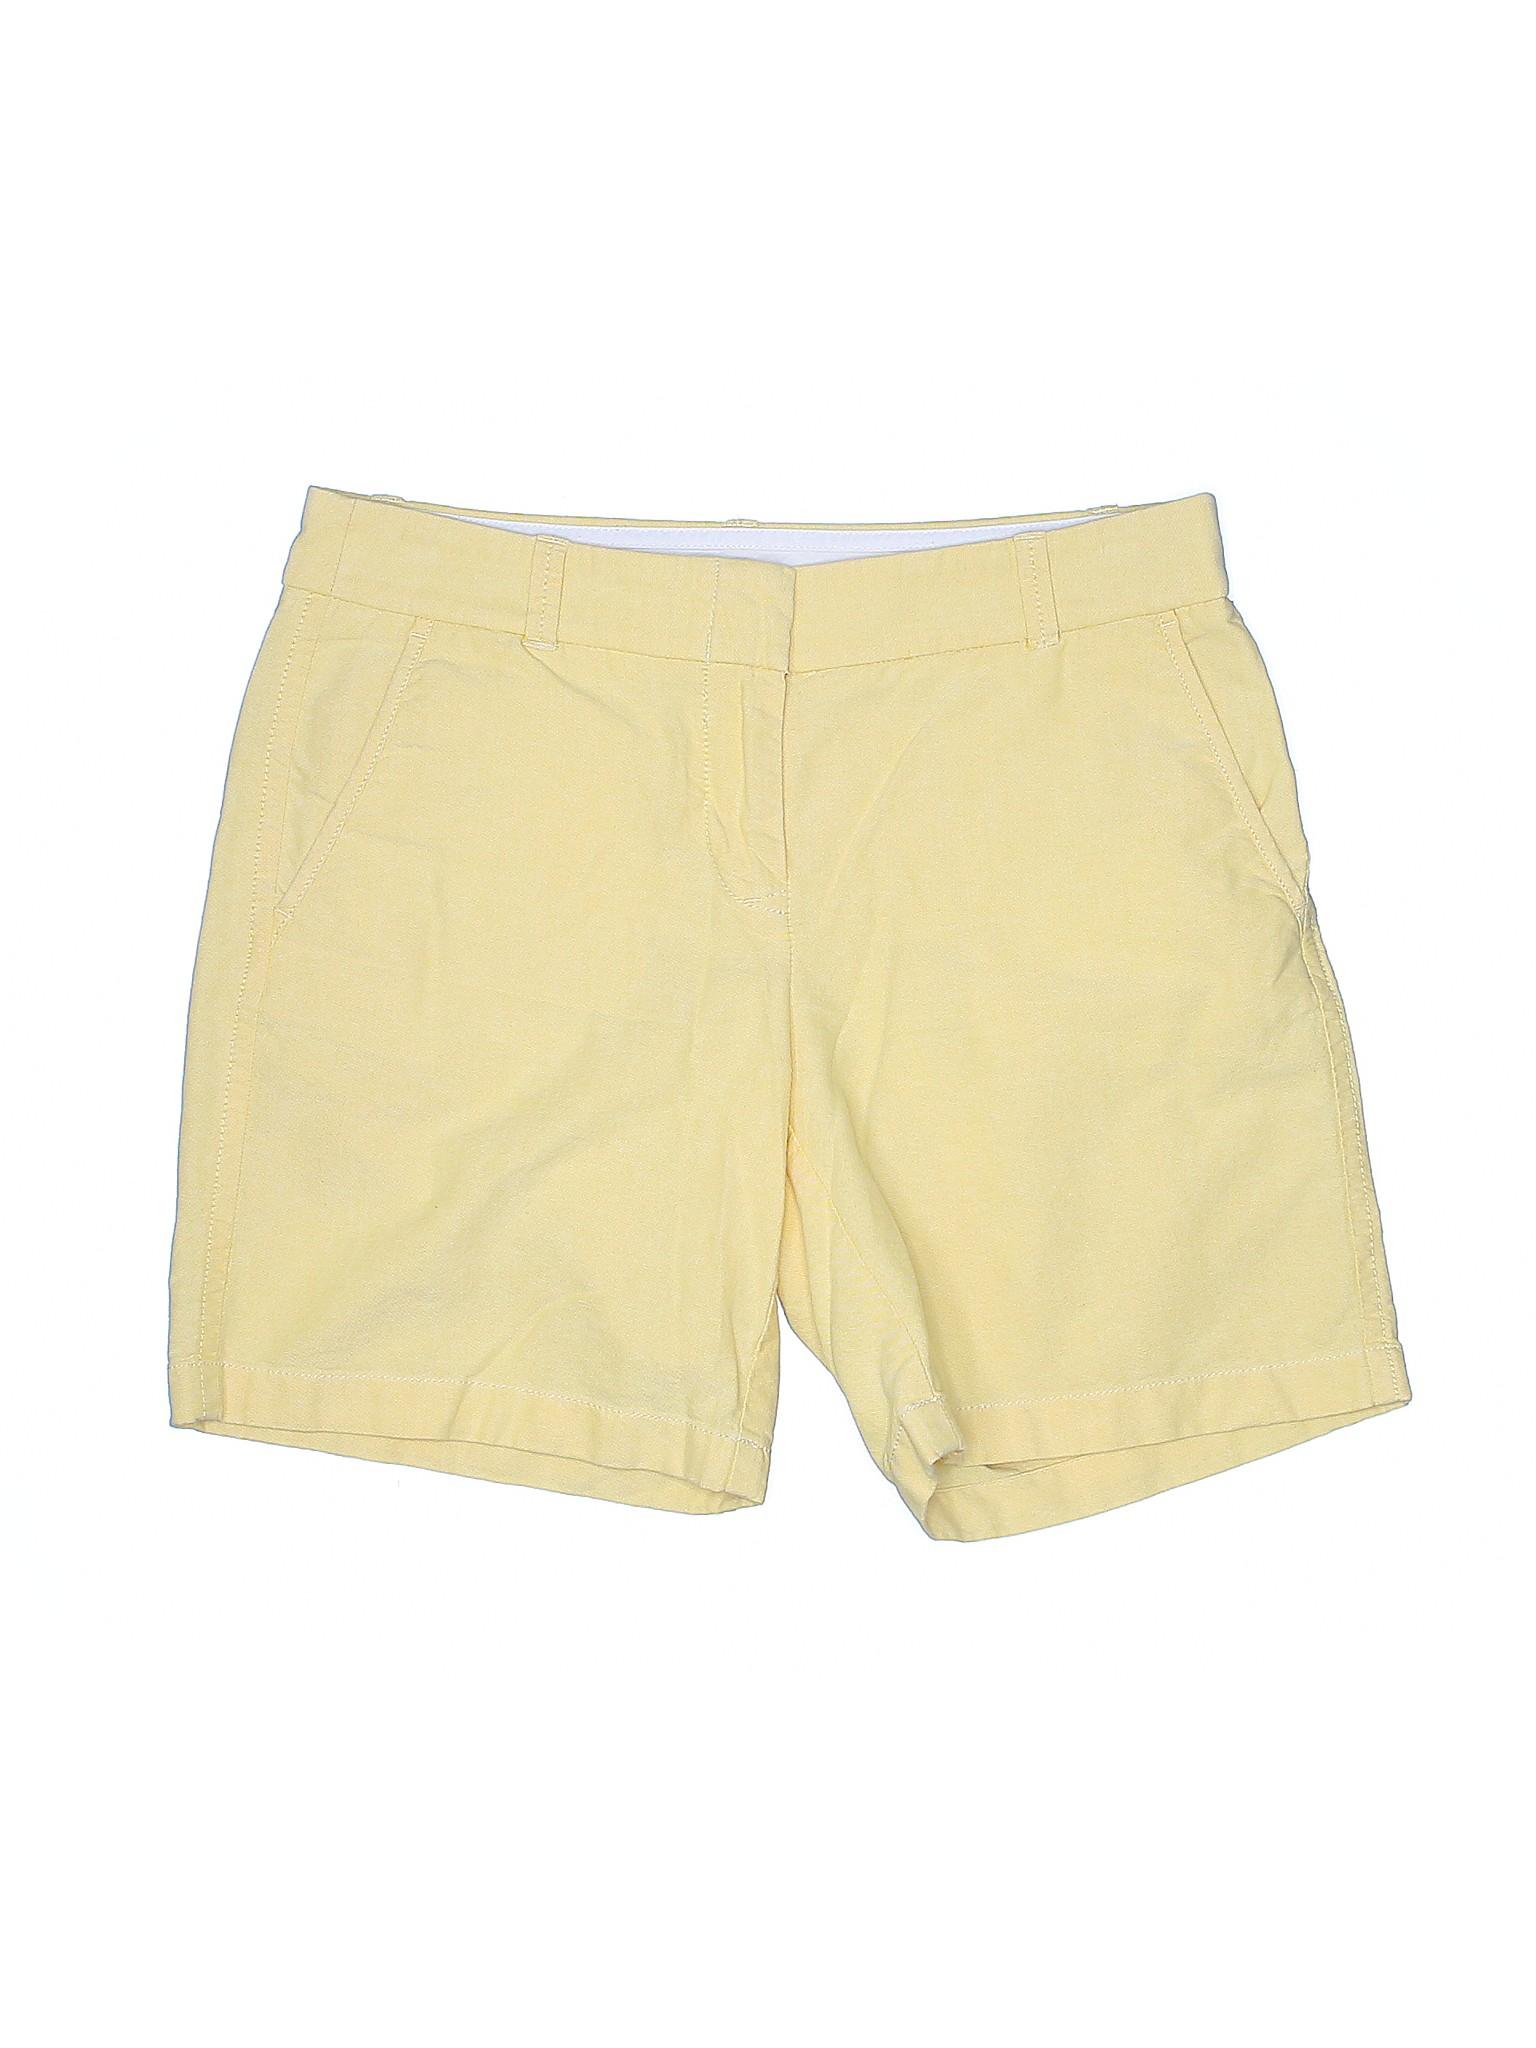 Factory leisure Boutique J Shorts Crew Khaki Store qcAvS1t7w